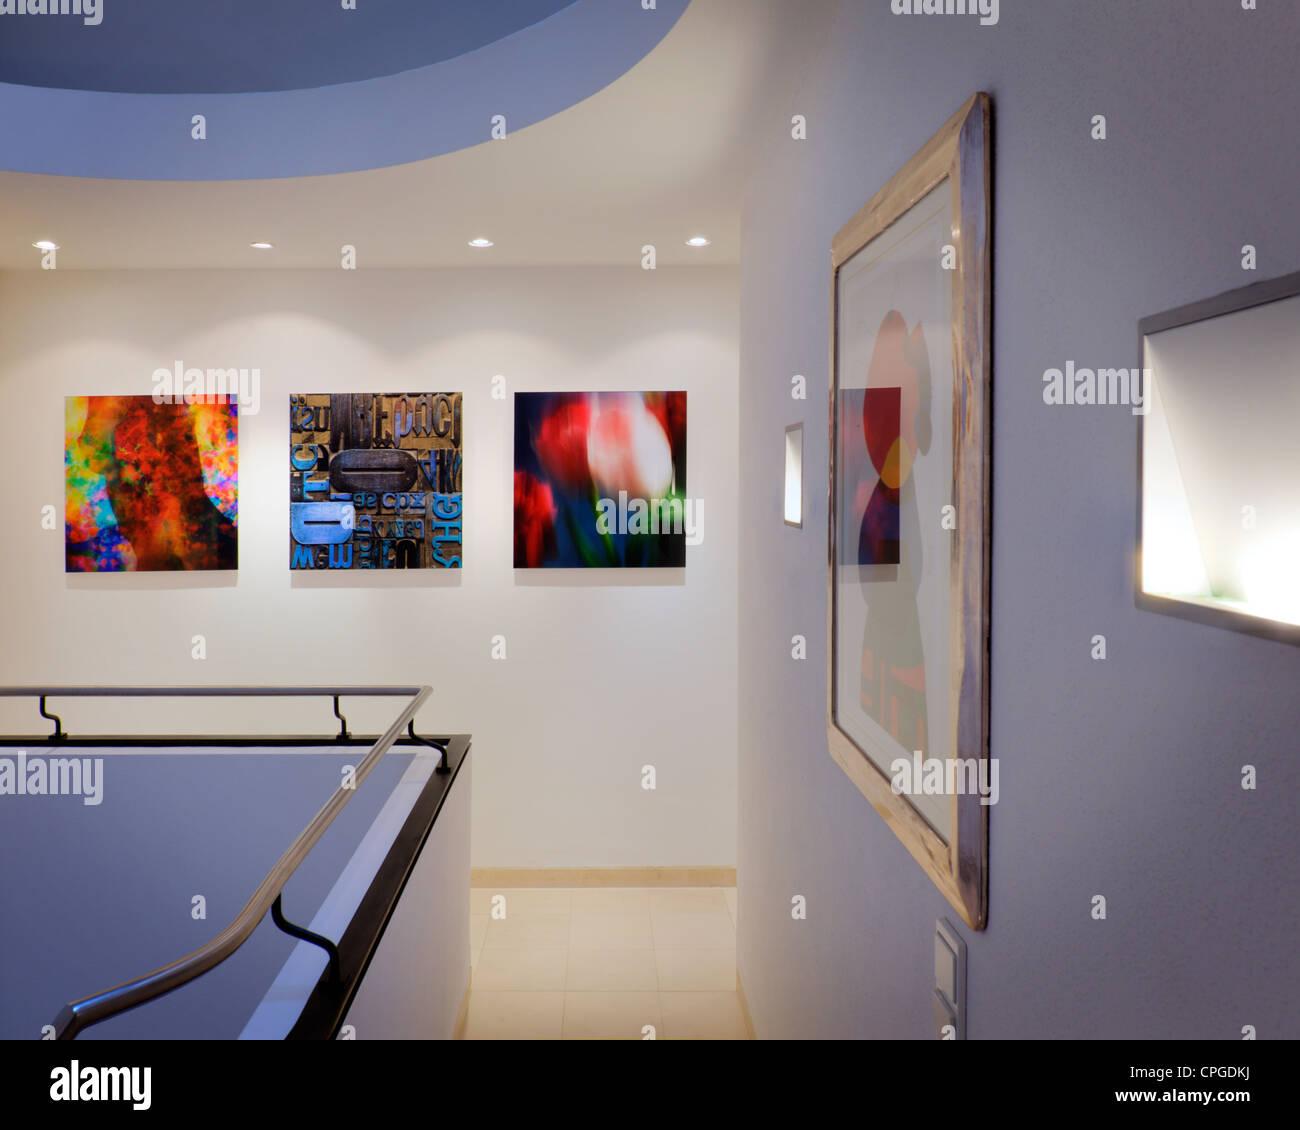 Architektur: Galerie für zeitgenössische Darstellung (Deutschland/Bad Tölz) Stockbild